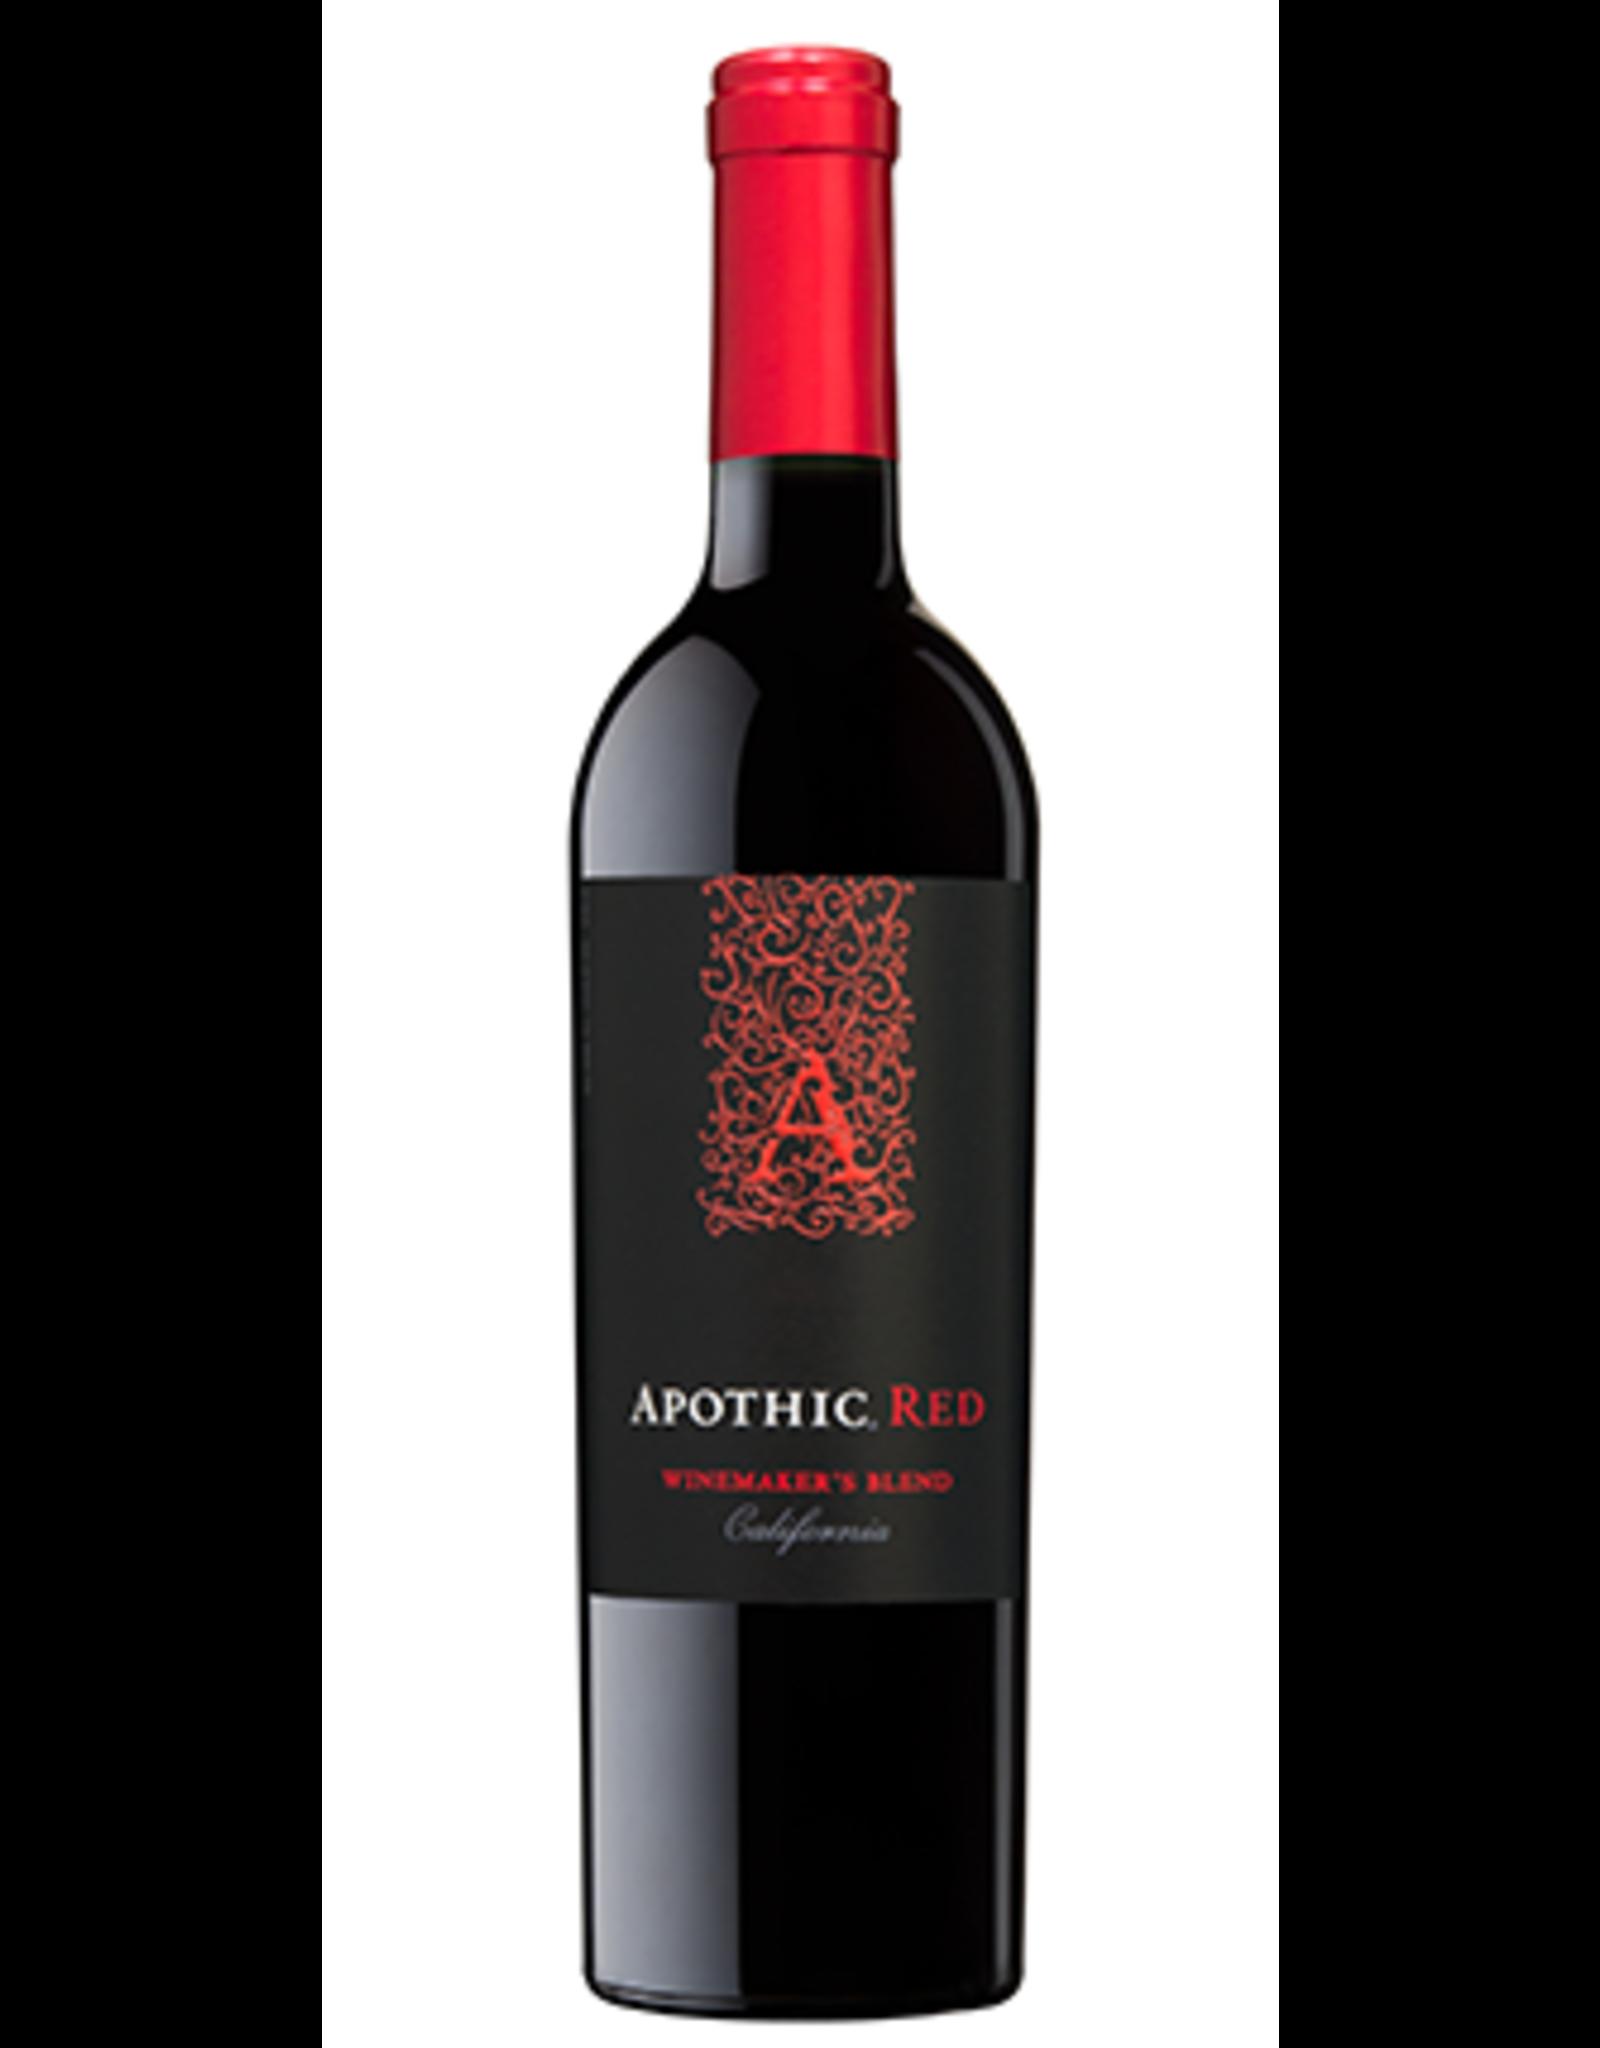 APOTHIC RED 2012 750ml